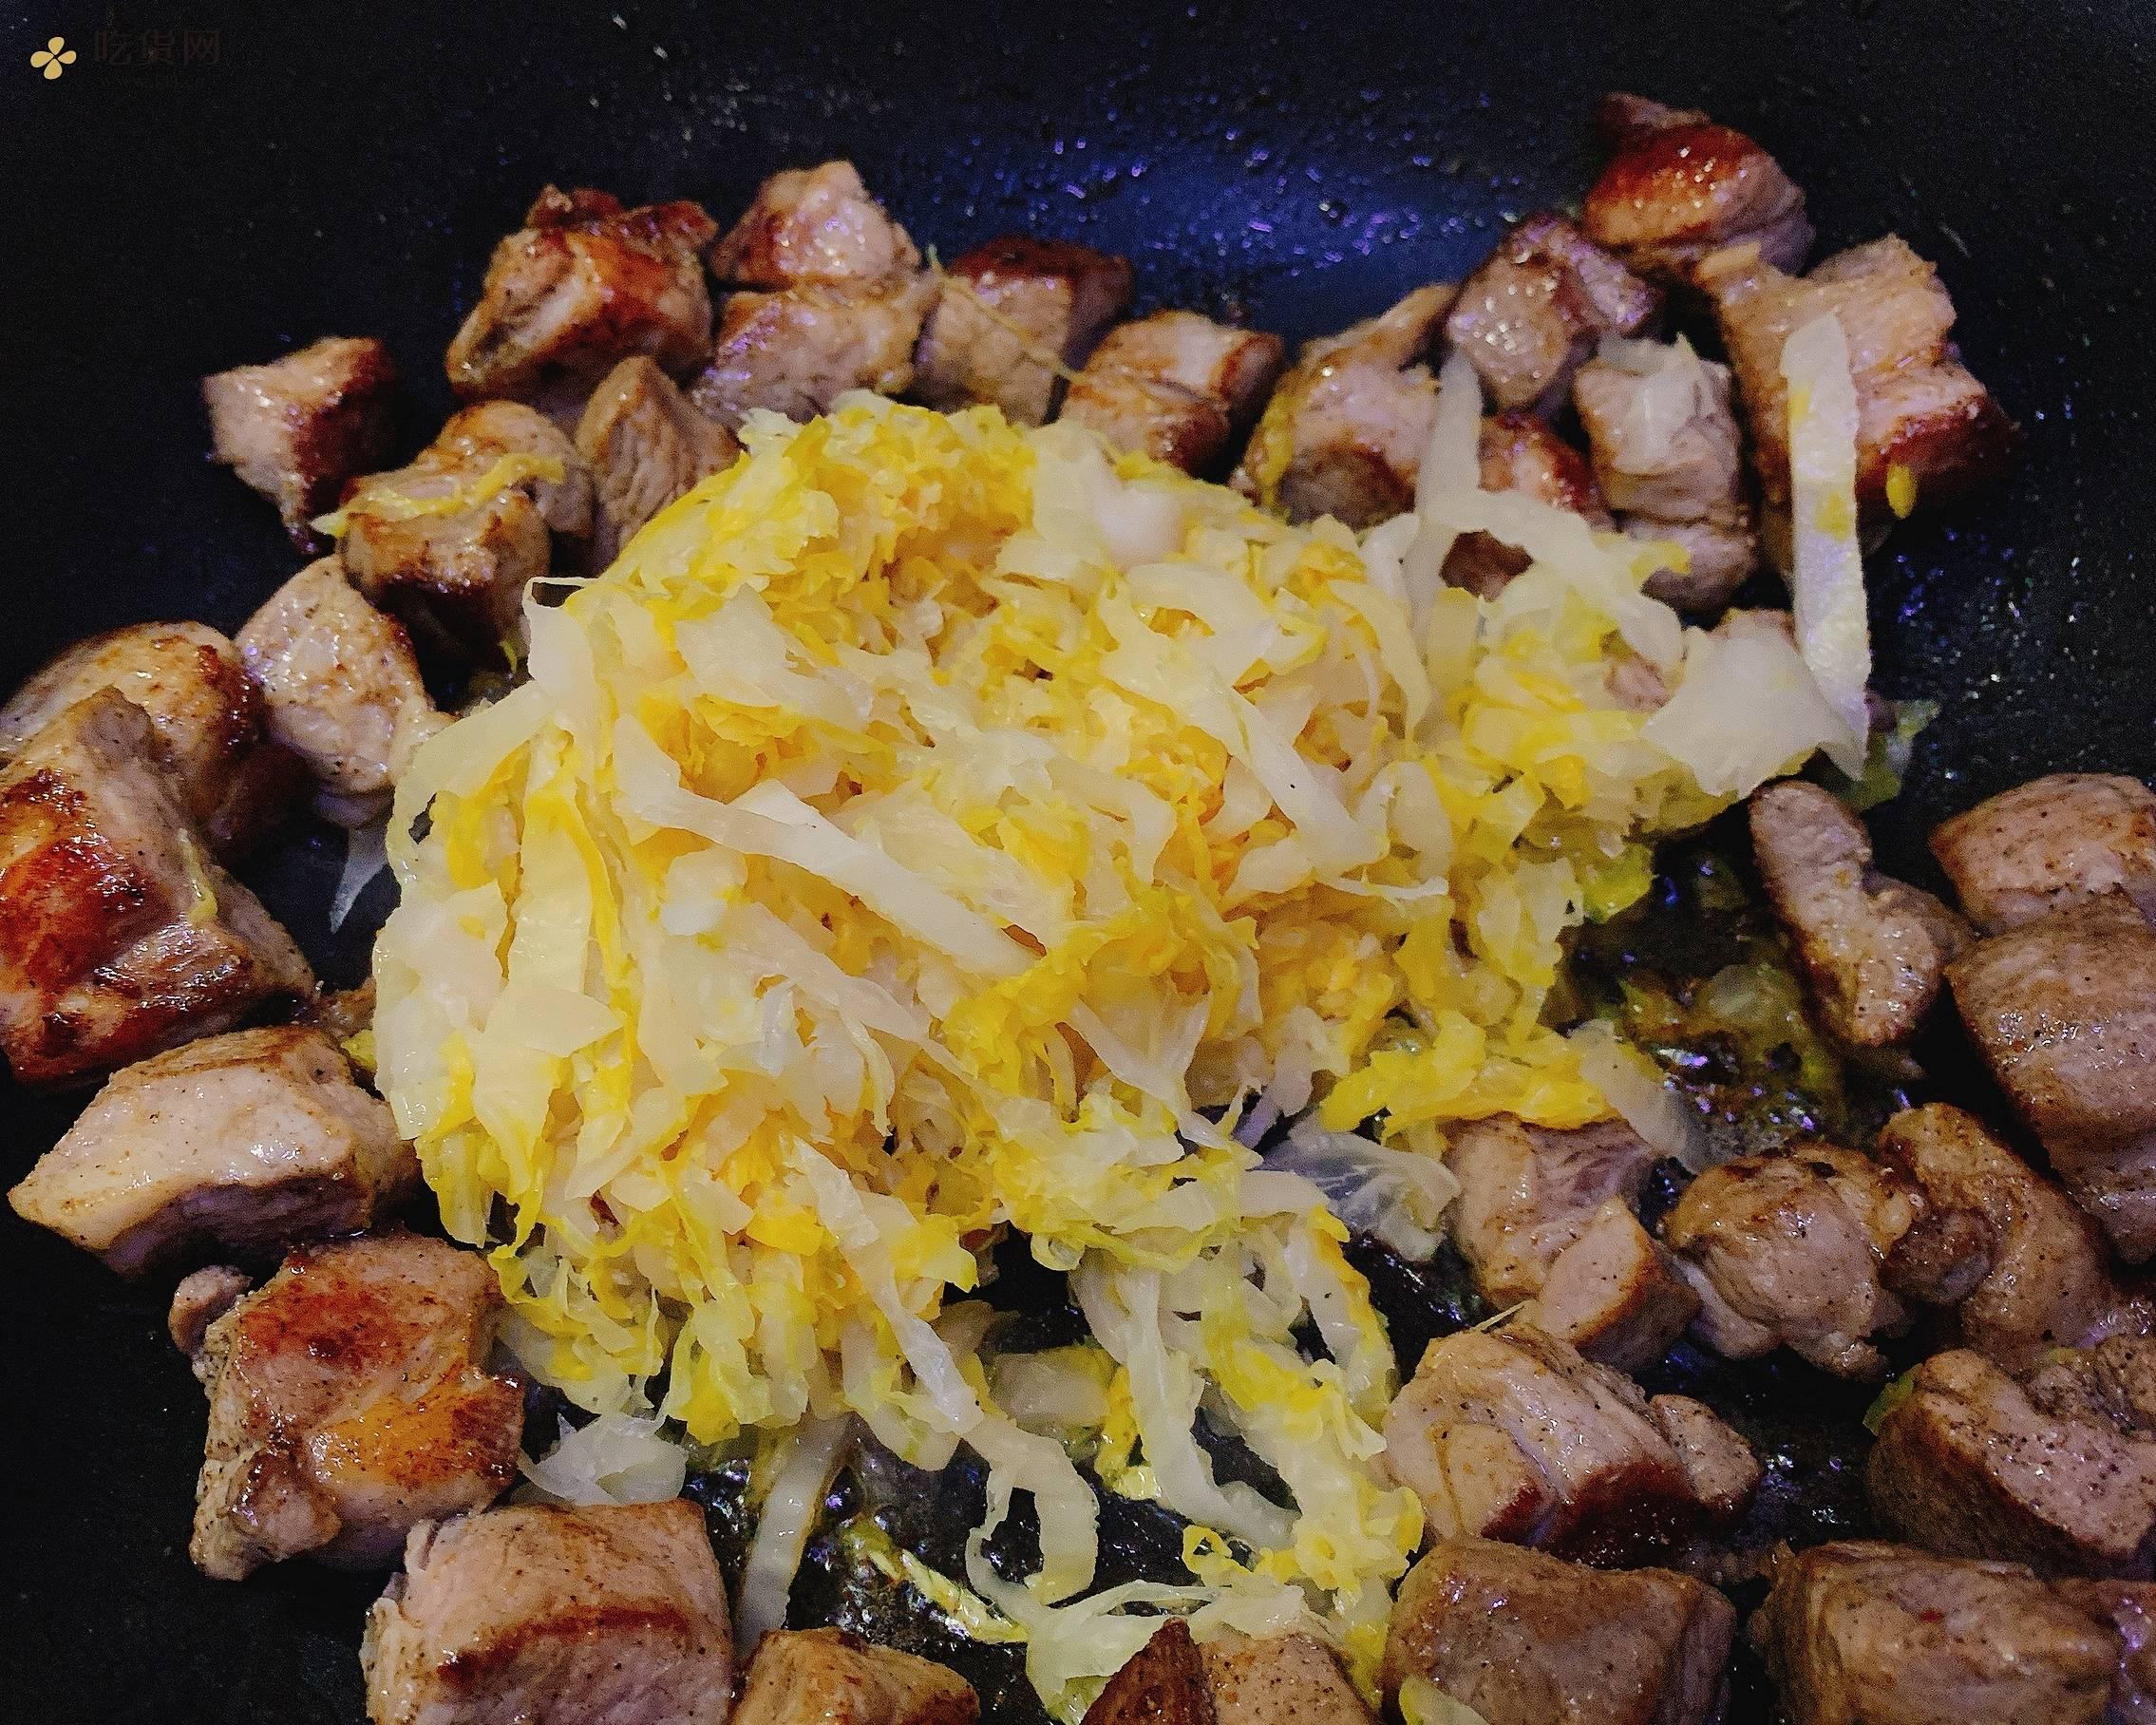 『有机酸菜&黑毛猪颈肉』——生酮饮食减肥餐的做法 步骤4